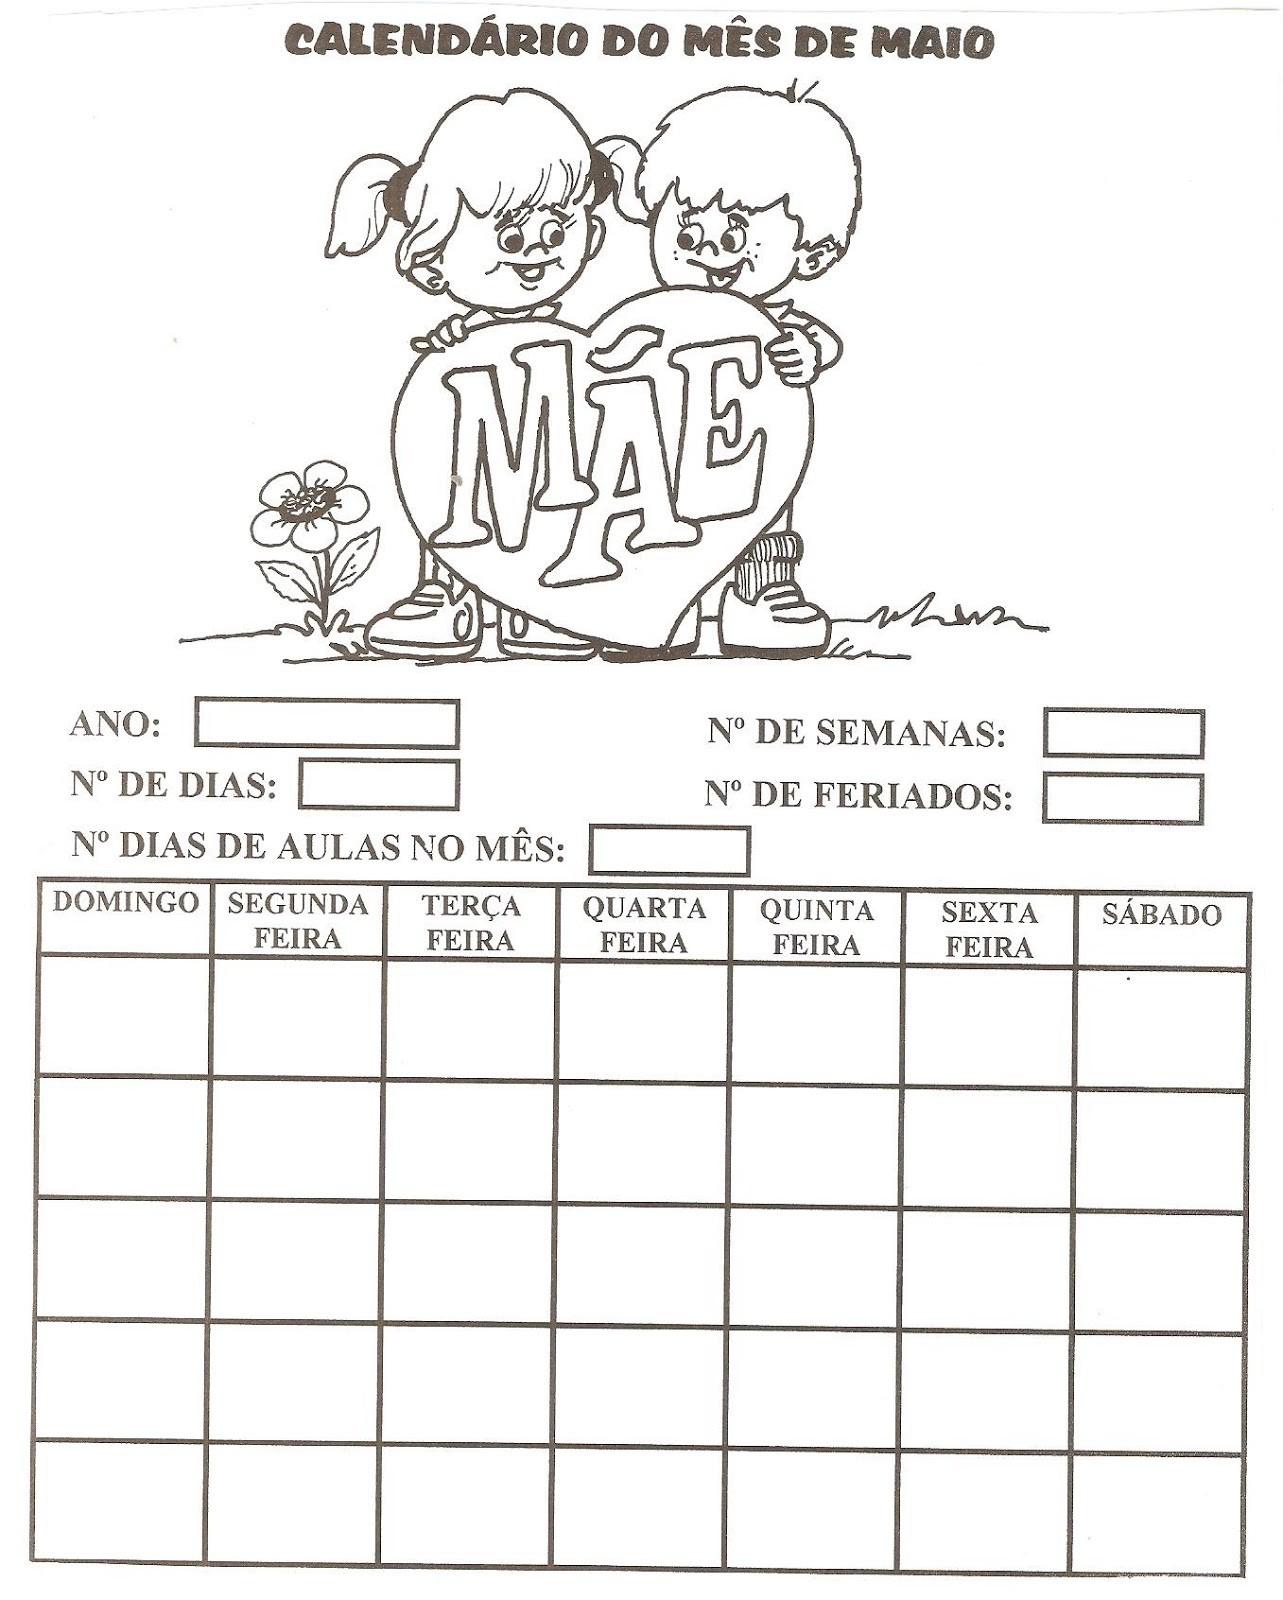 atividades calendrio atividades pedag³gicas